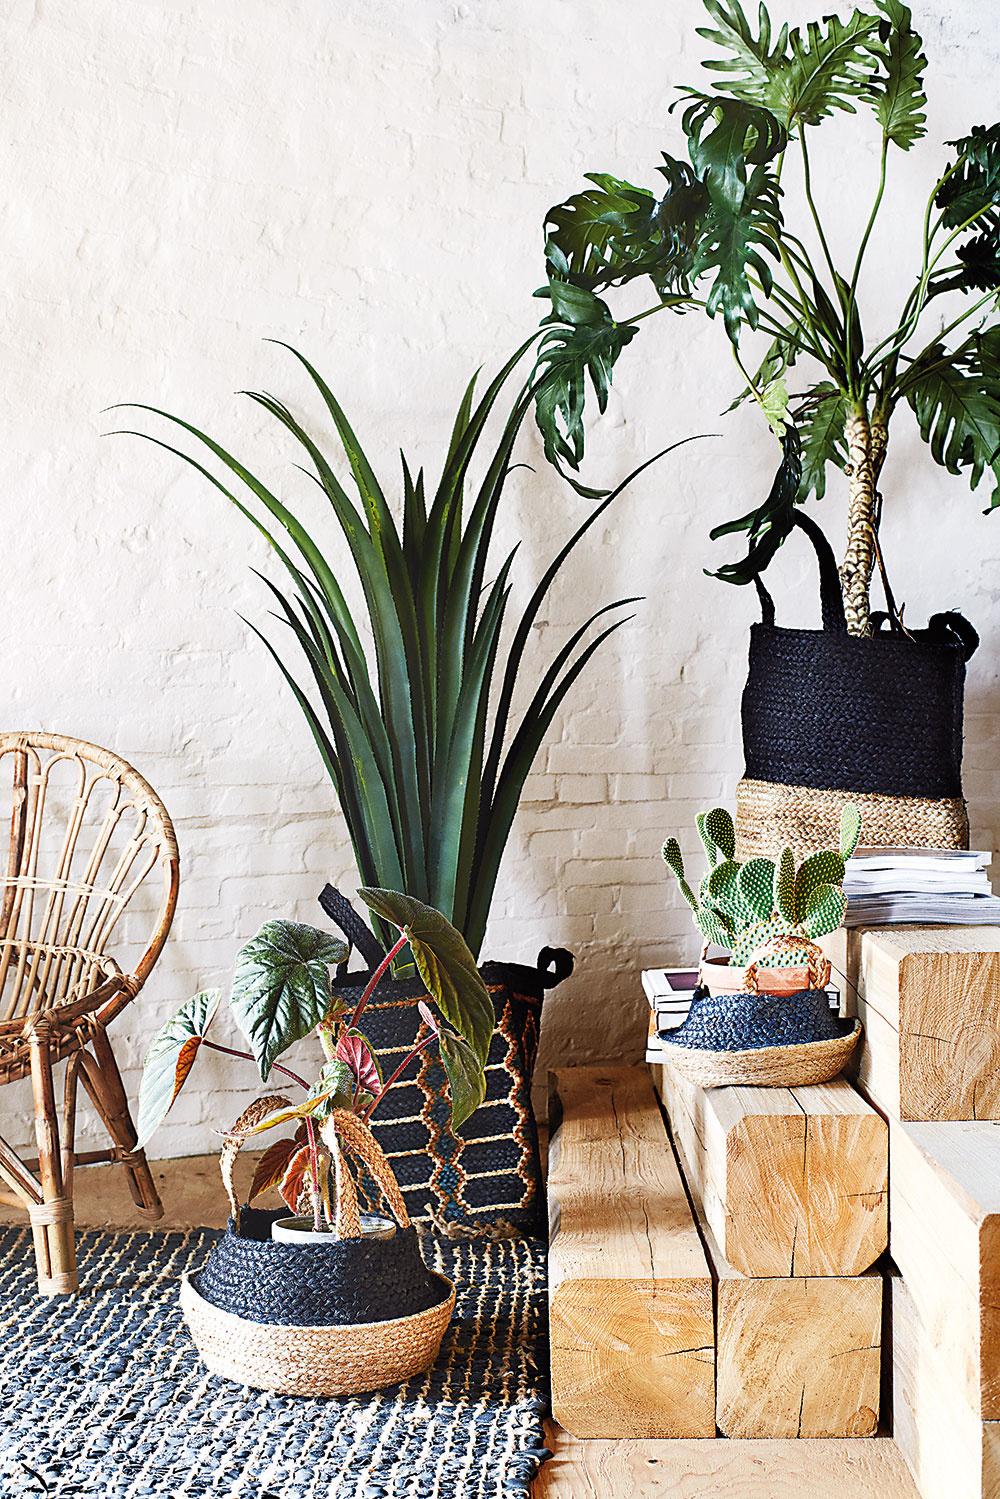 ZPRÍRODY. Doplnky vboho obývačke by mali byť zprírodných materiálov. Kvetináče vložte do jutových vriec alebo do košov zratanu či morskej trávy. Drevo, ľan, prútie, konáre, palmové rohože, kožušiny, korok – to všetko spolu vytvorí mimoriadne štýlový dojem a navyše je takýto priestor aj ekologický.